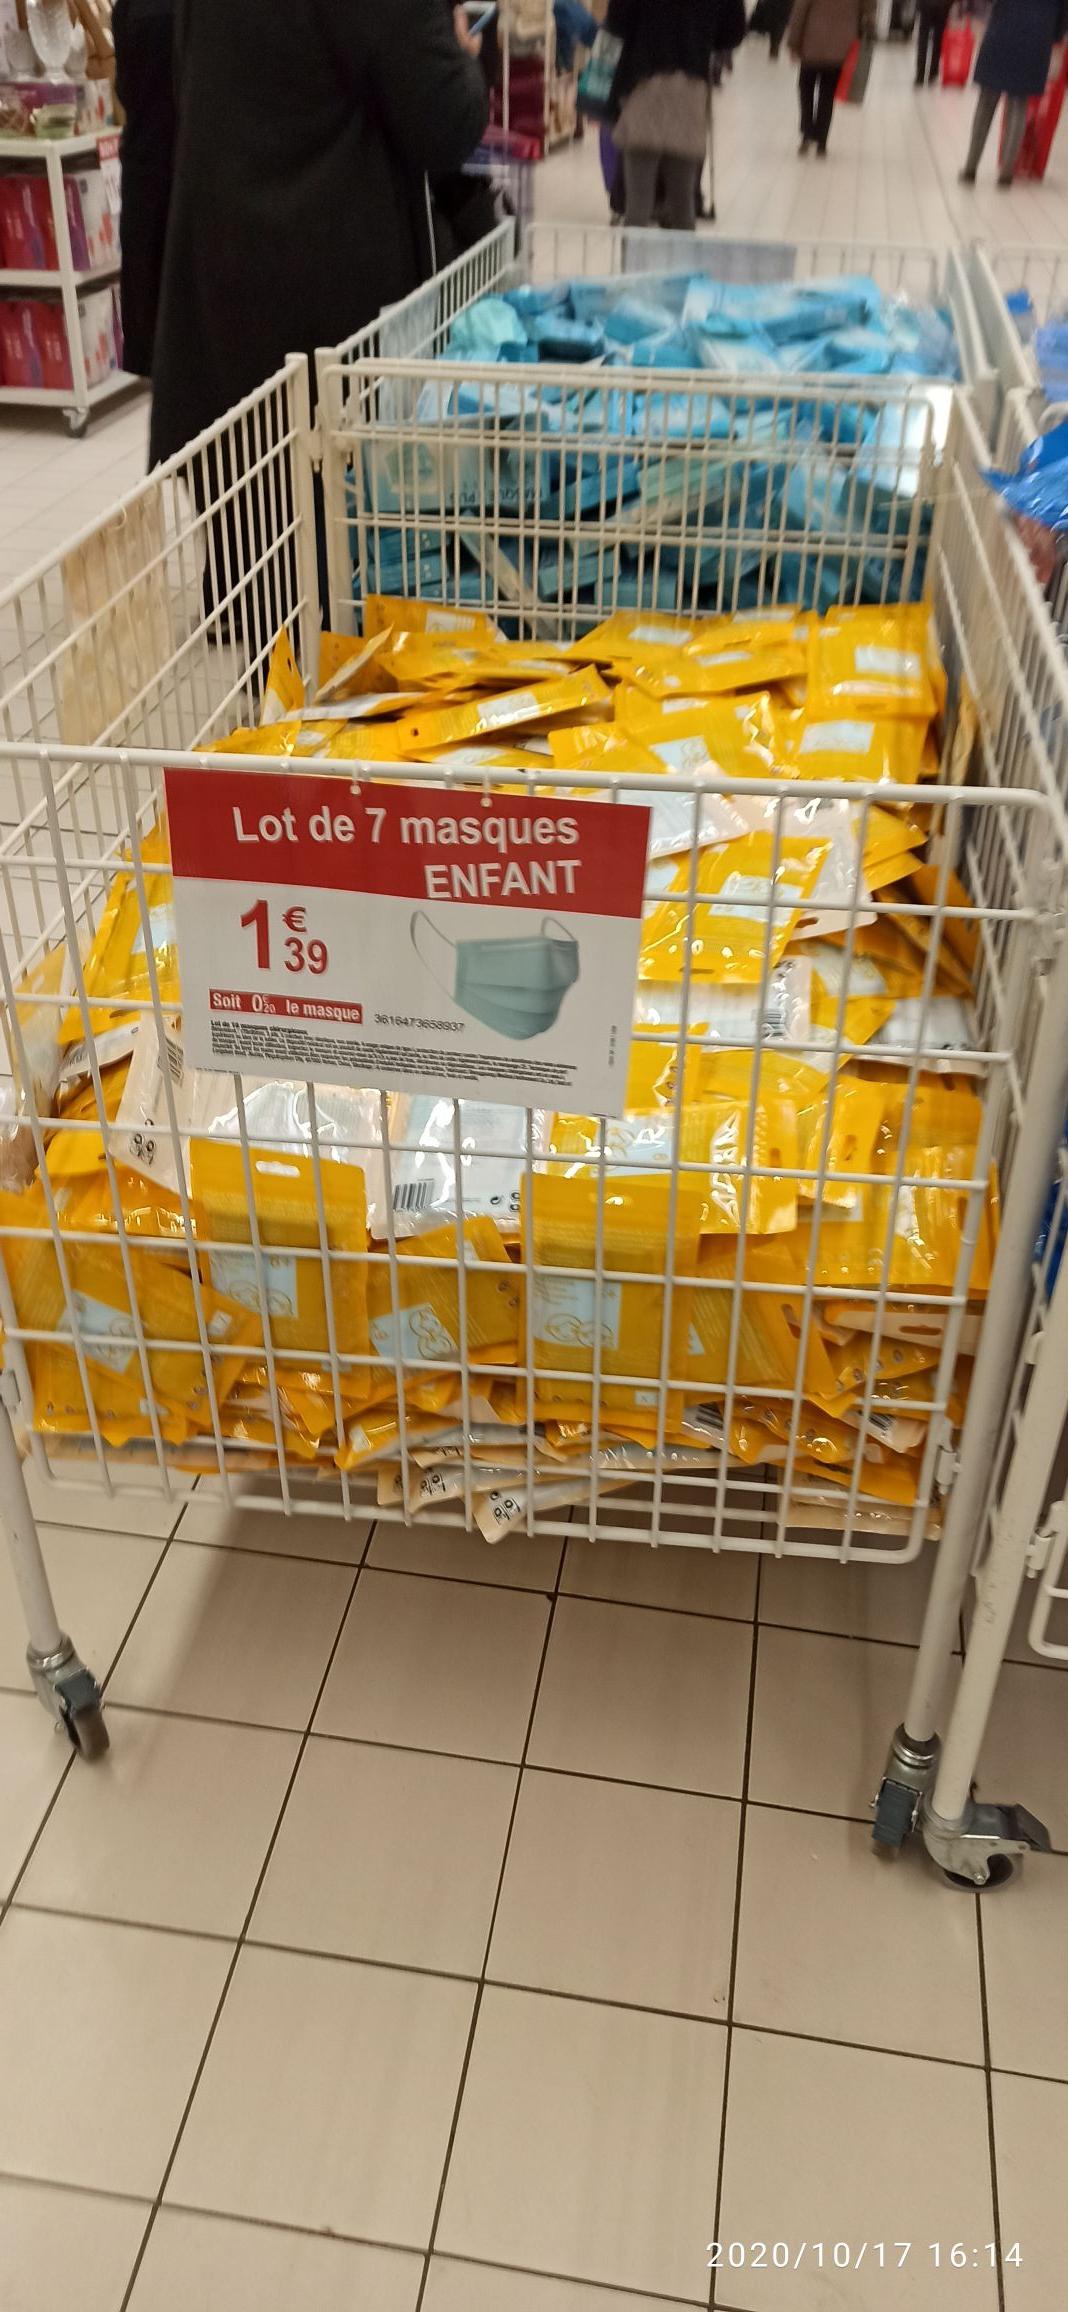 Lot de 7 masques chirurgicaux pour enfants - Carrefour Sevran (93)